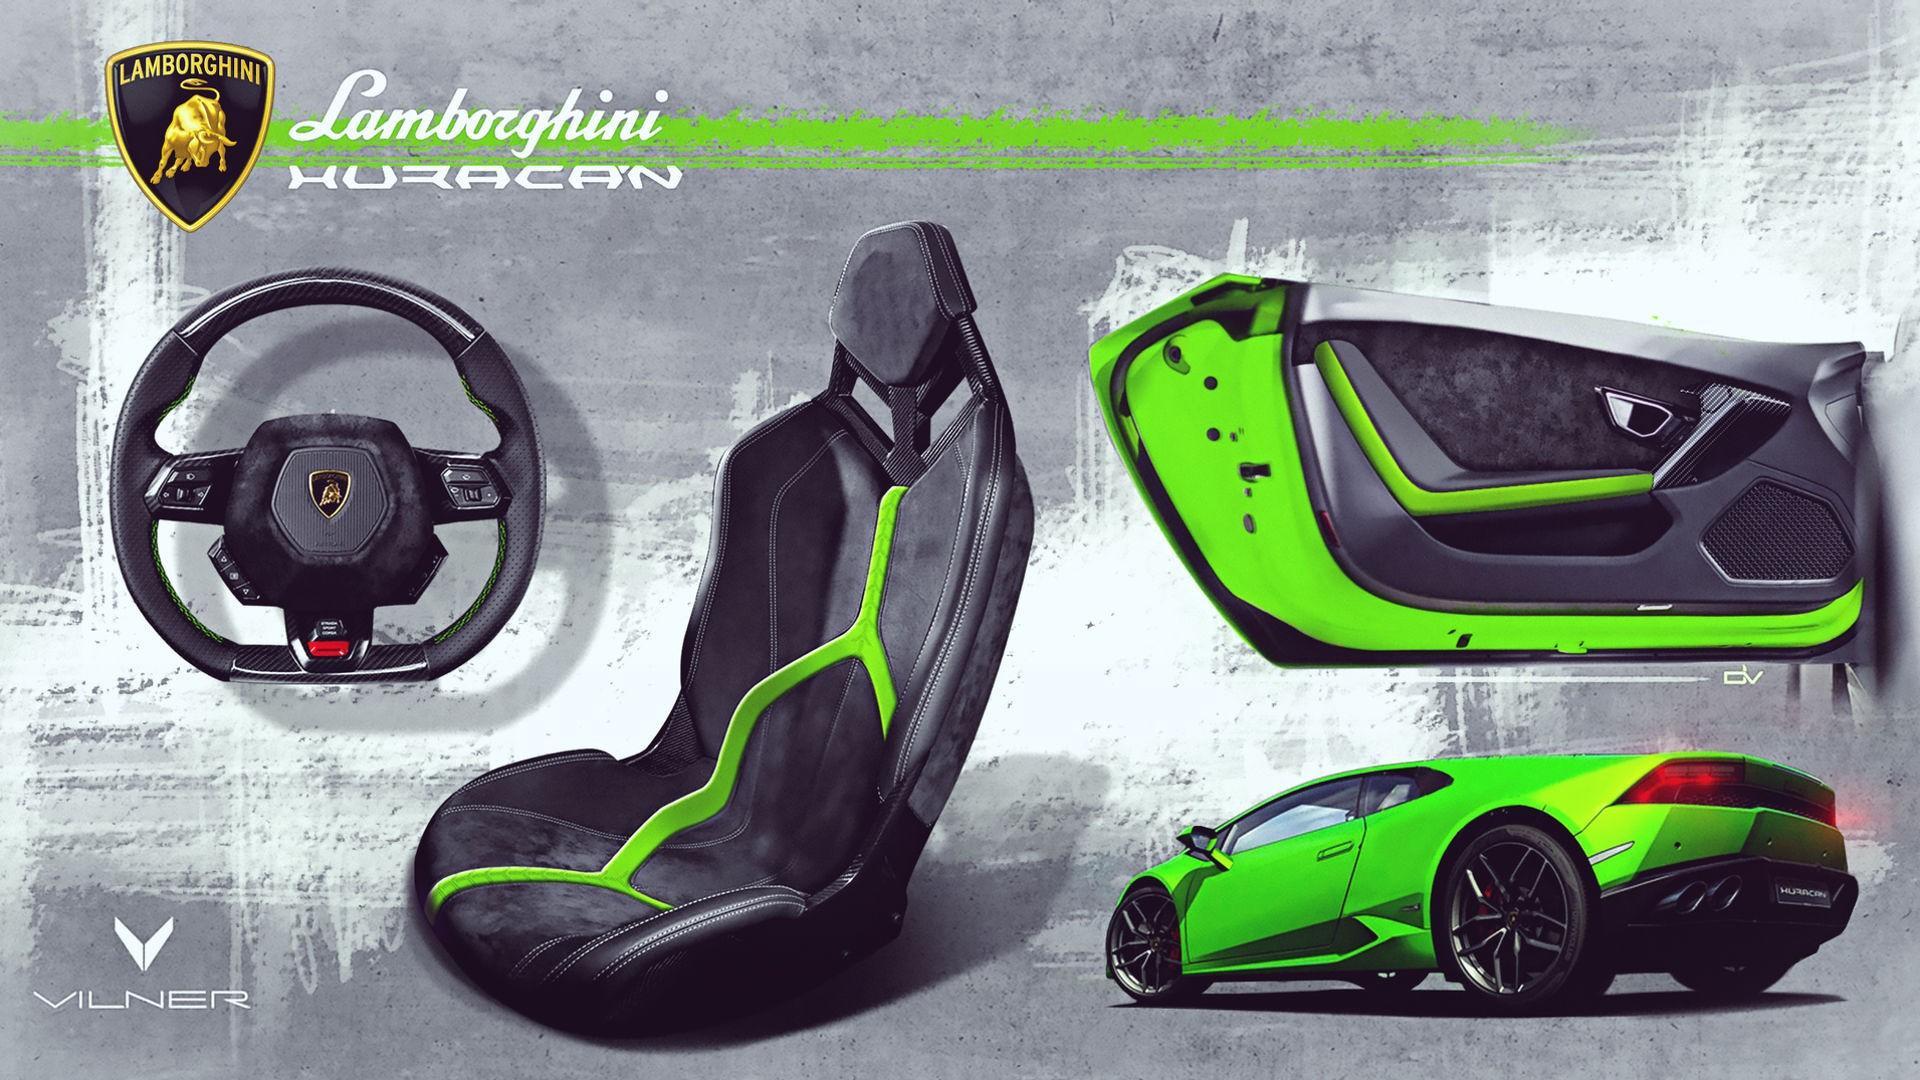 Lamborghini Huracan Verde Mantis Vilner (4)